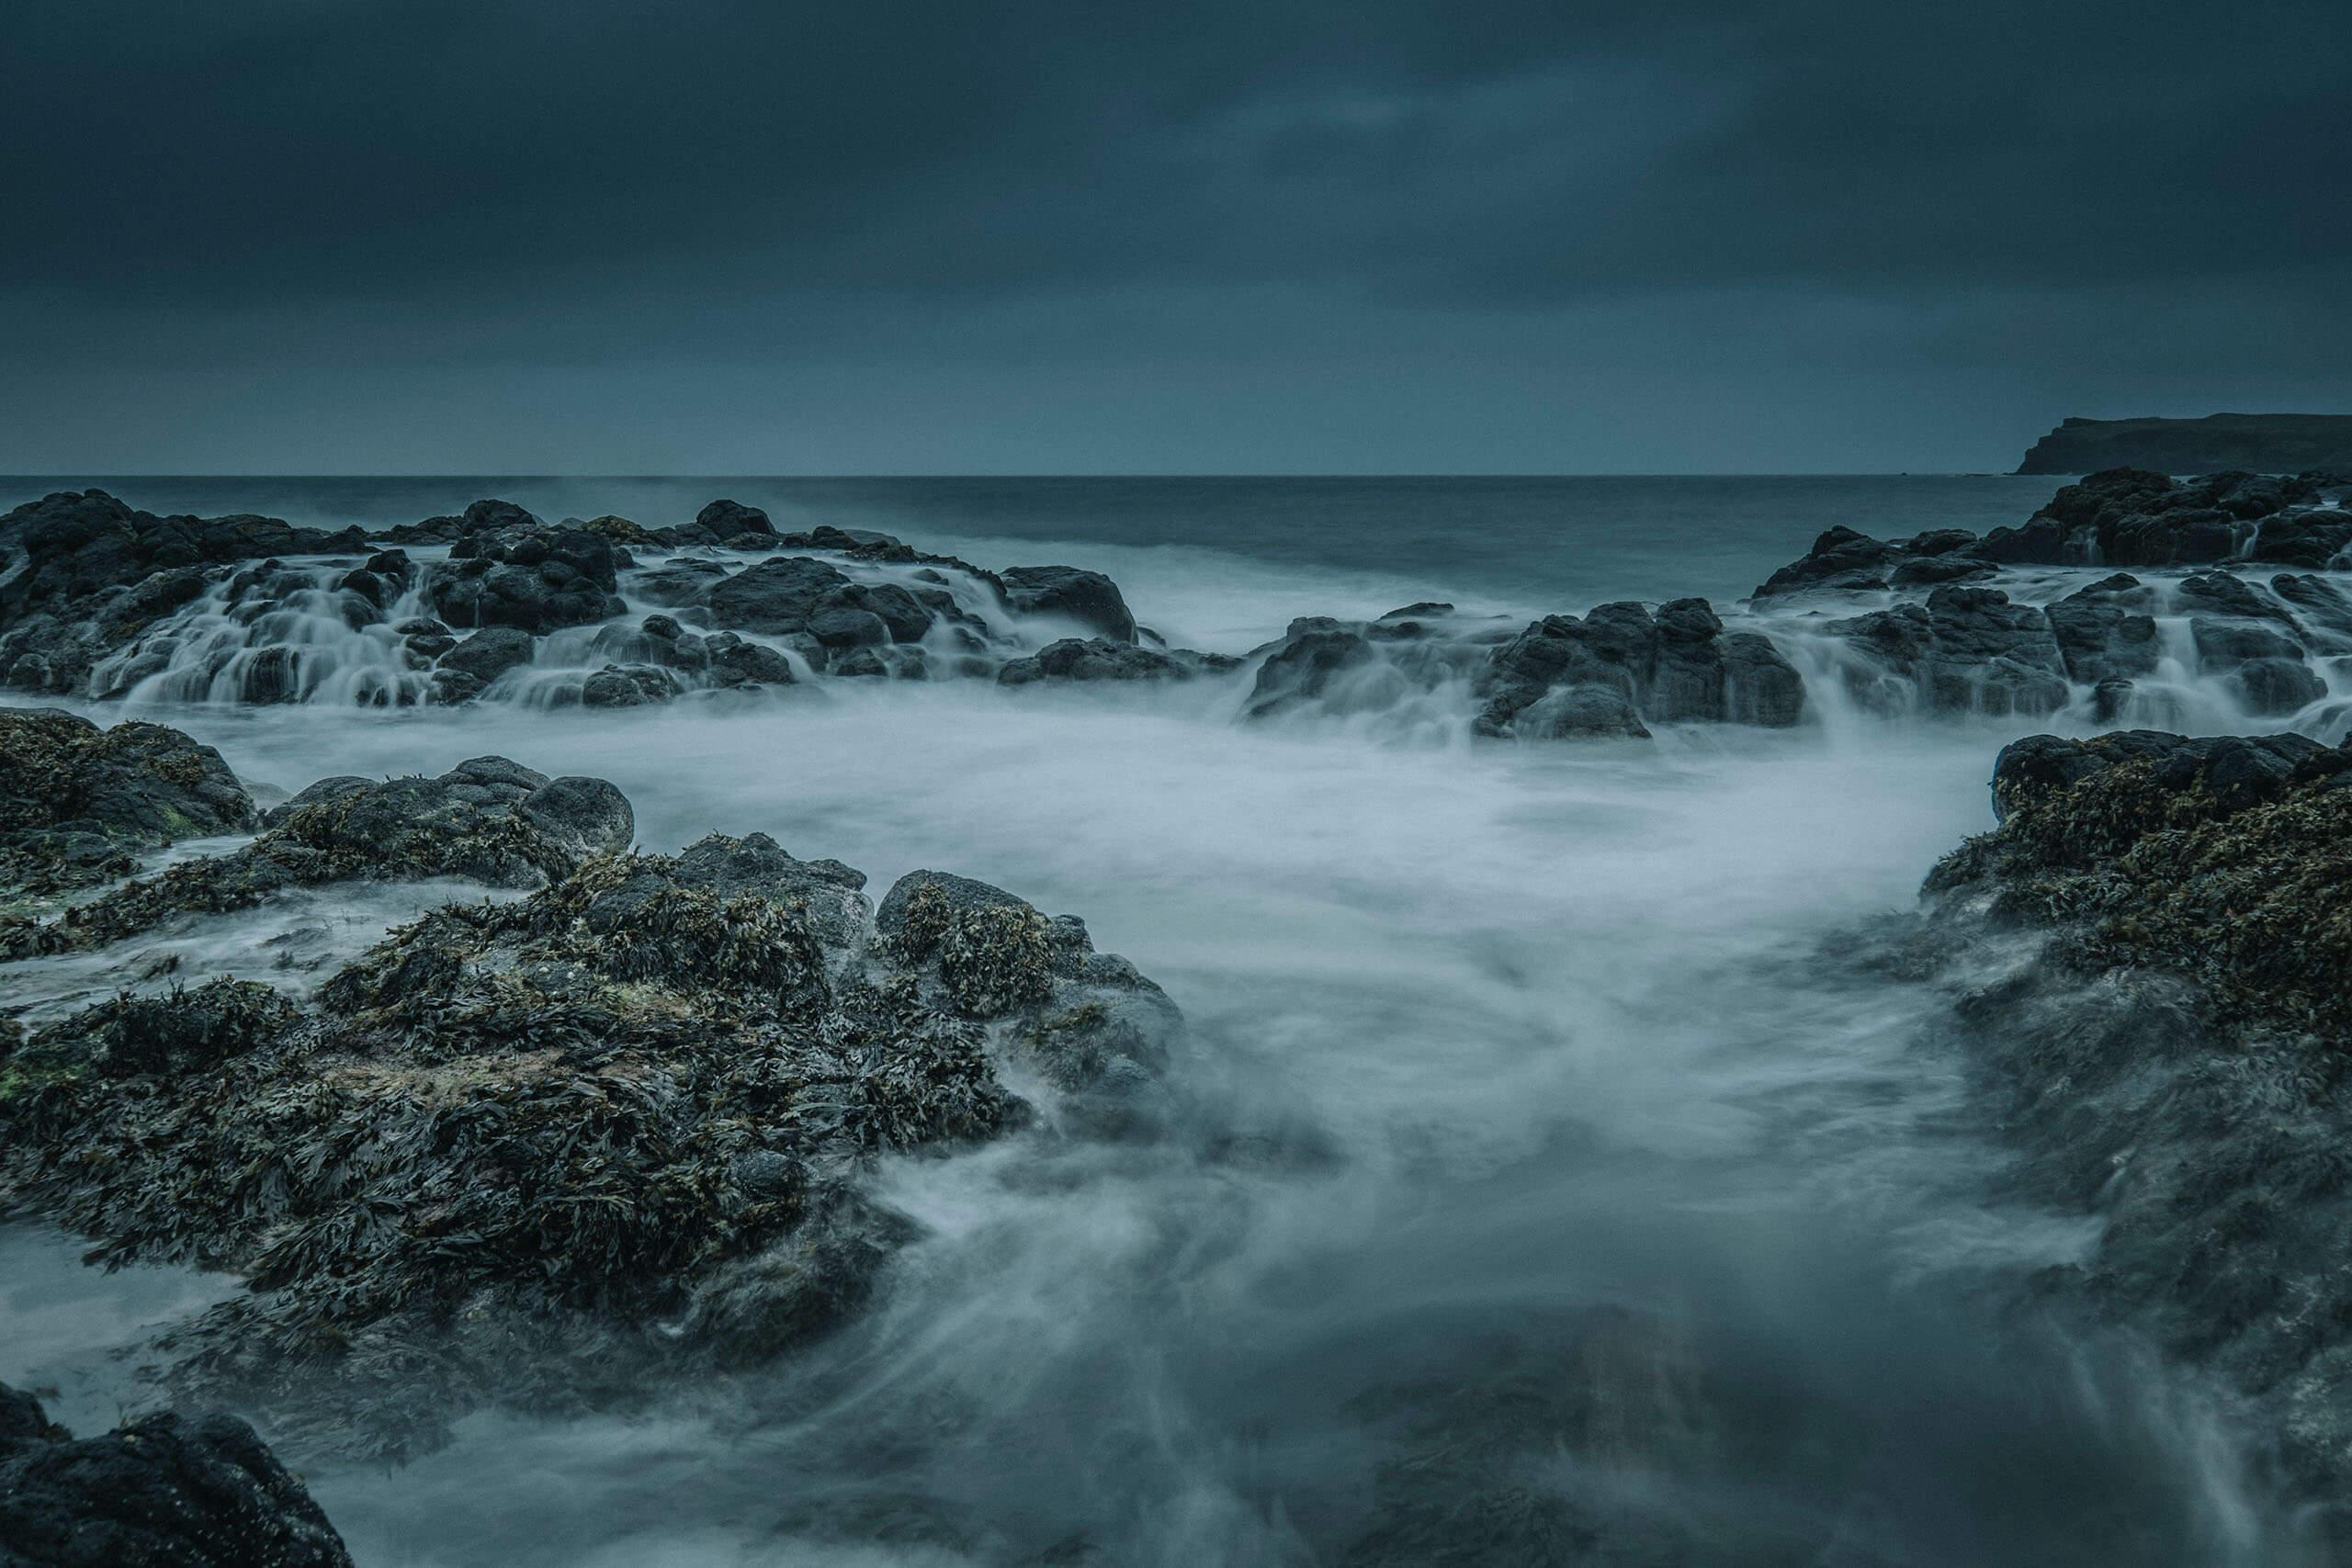 lanschapsfoto ierland artiestenfotografie Frank van Essen